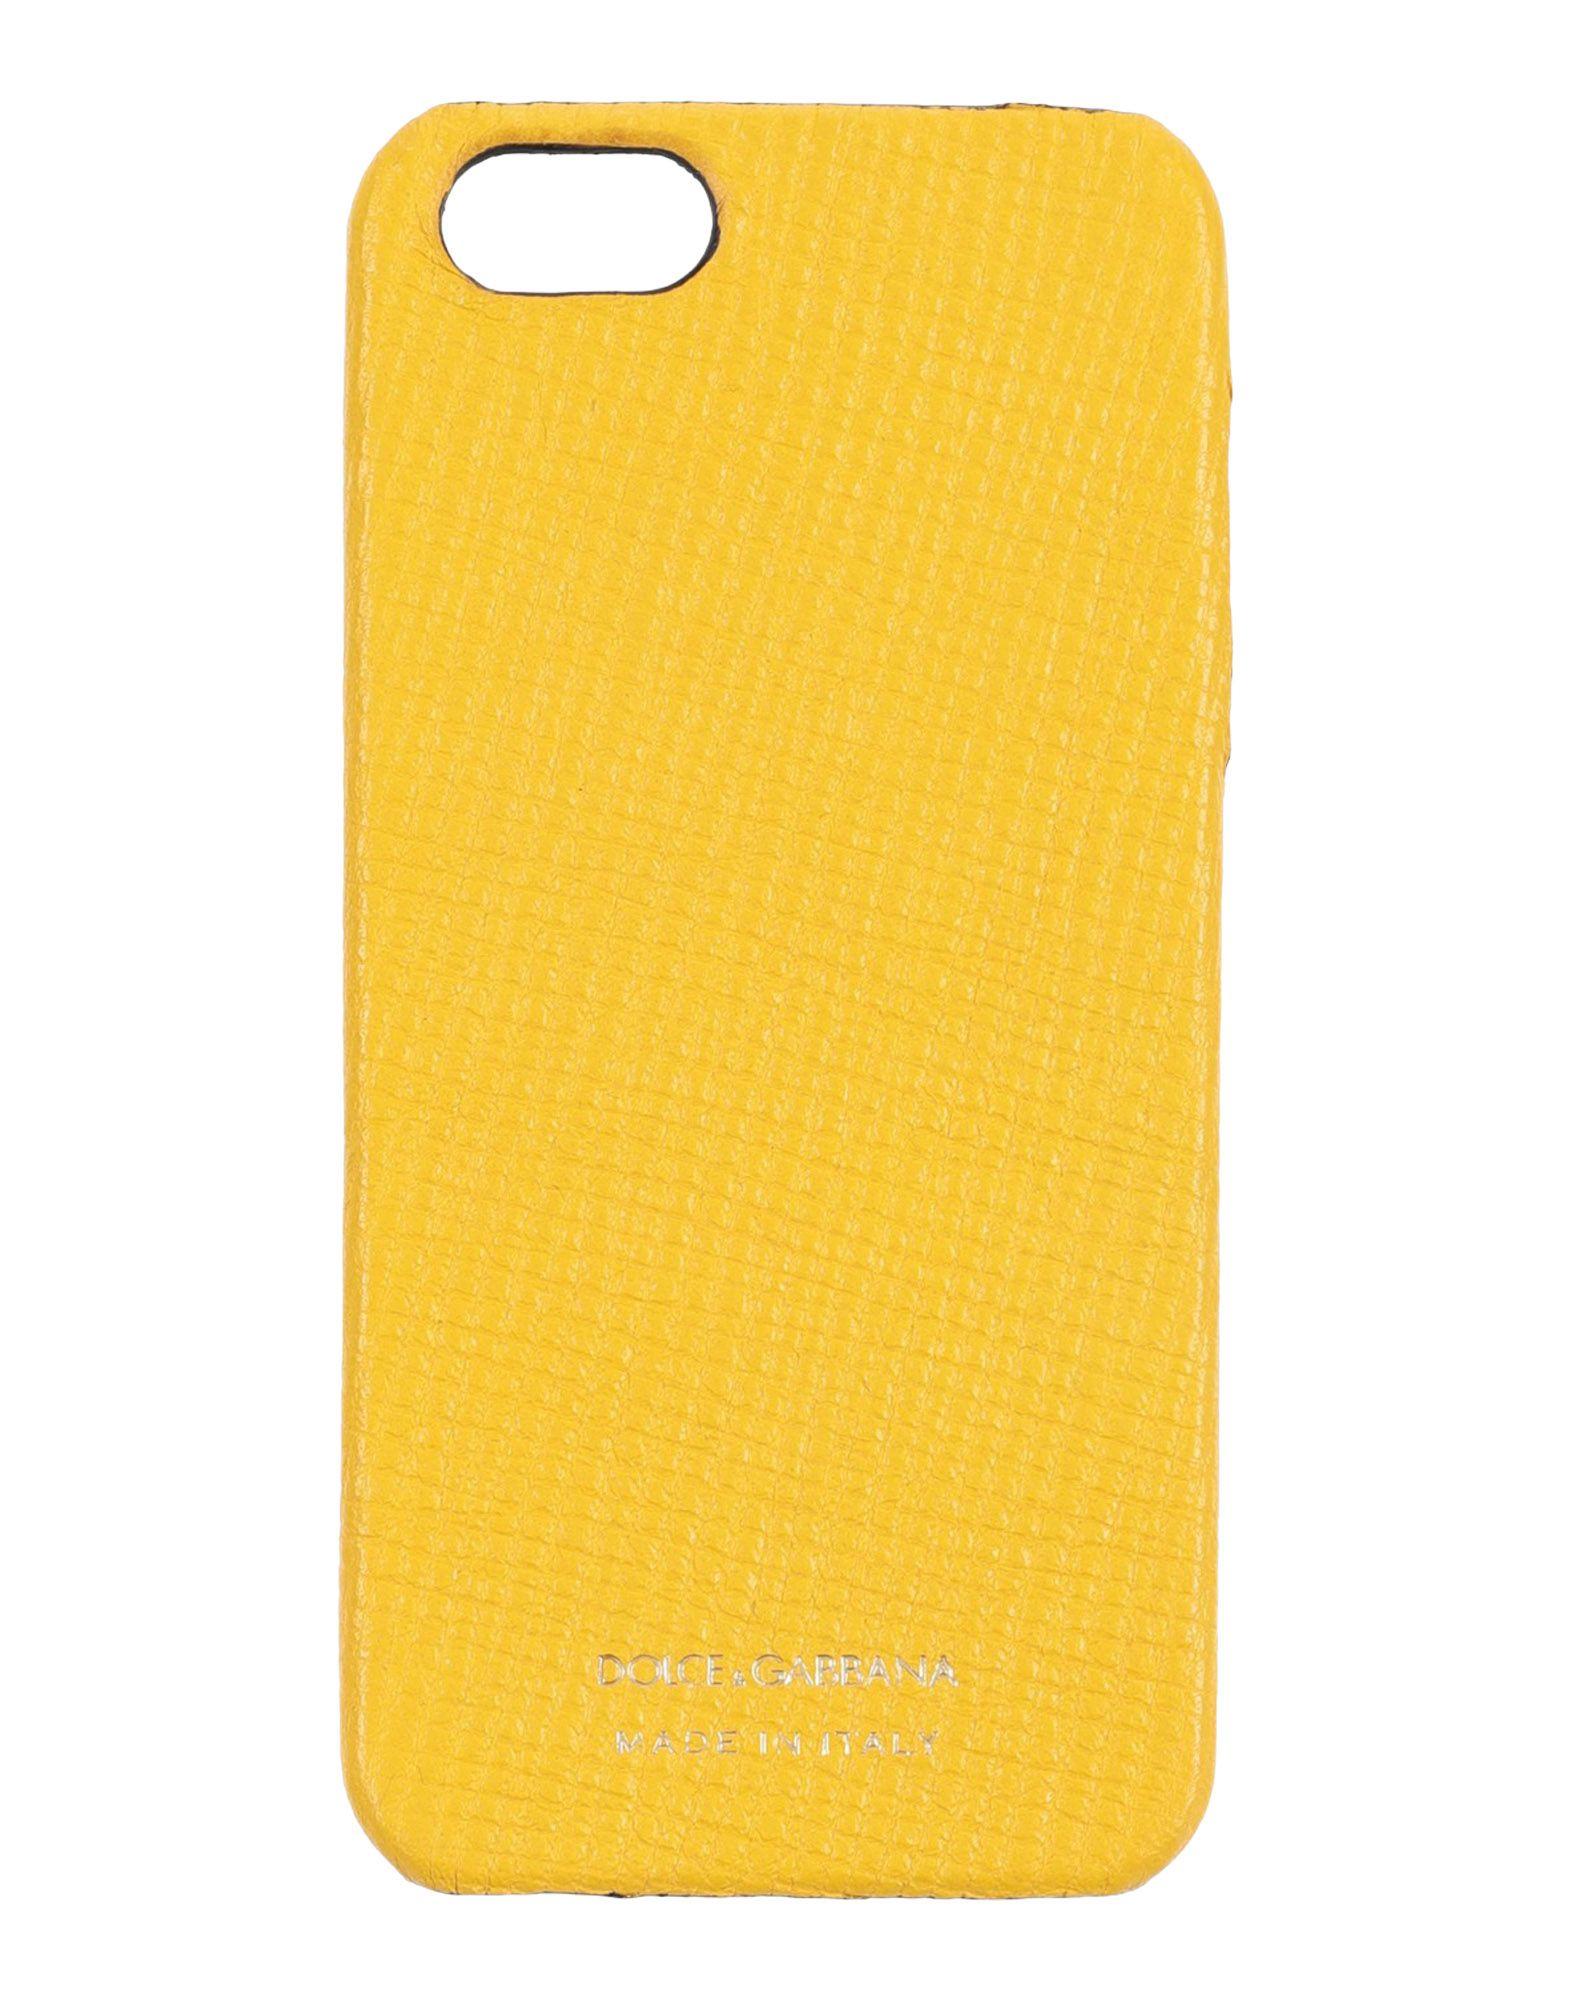 Фото - DOLCE & GABBANA Чехол printio чехол для iphone 5 5s объёмная печать hot day